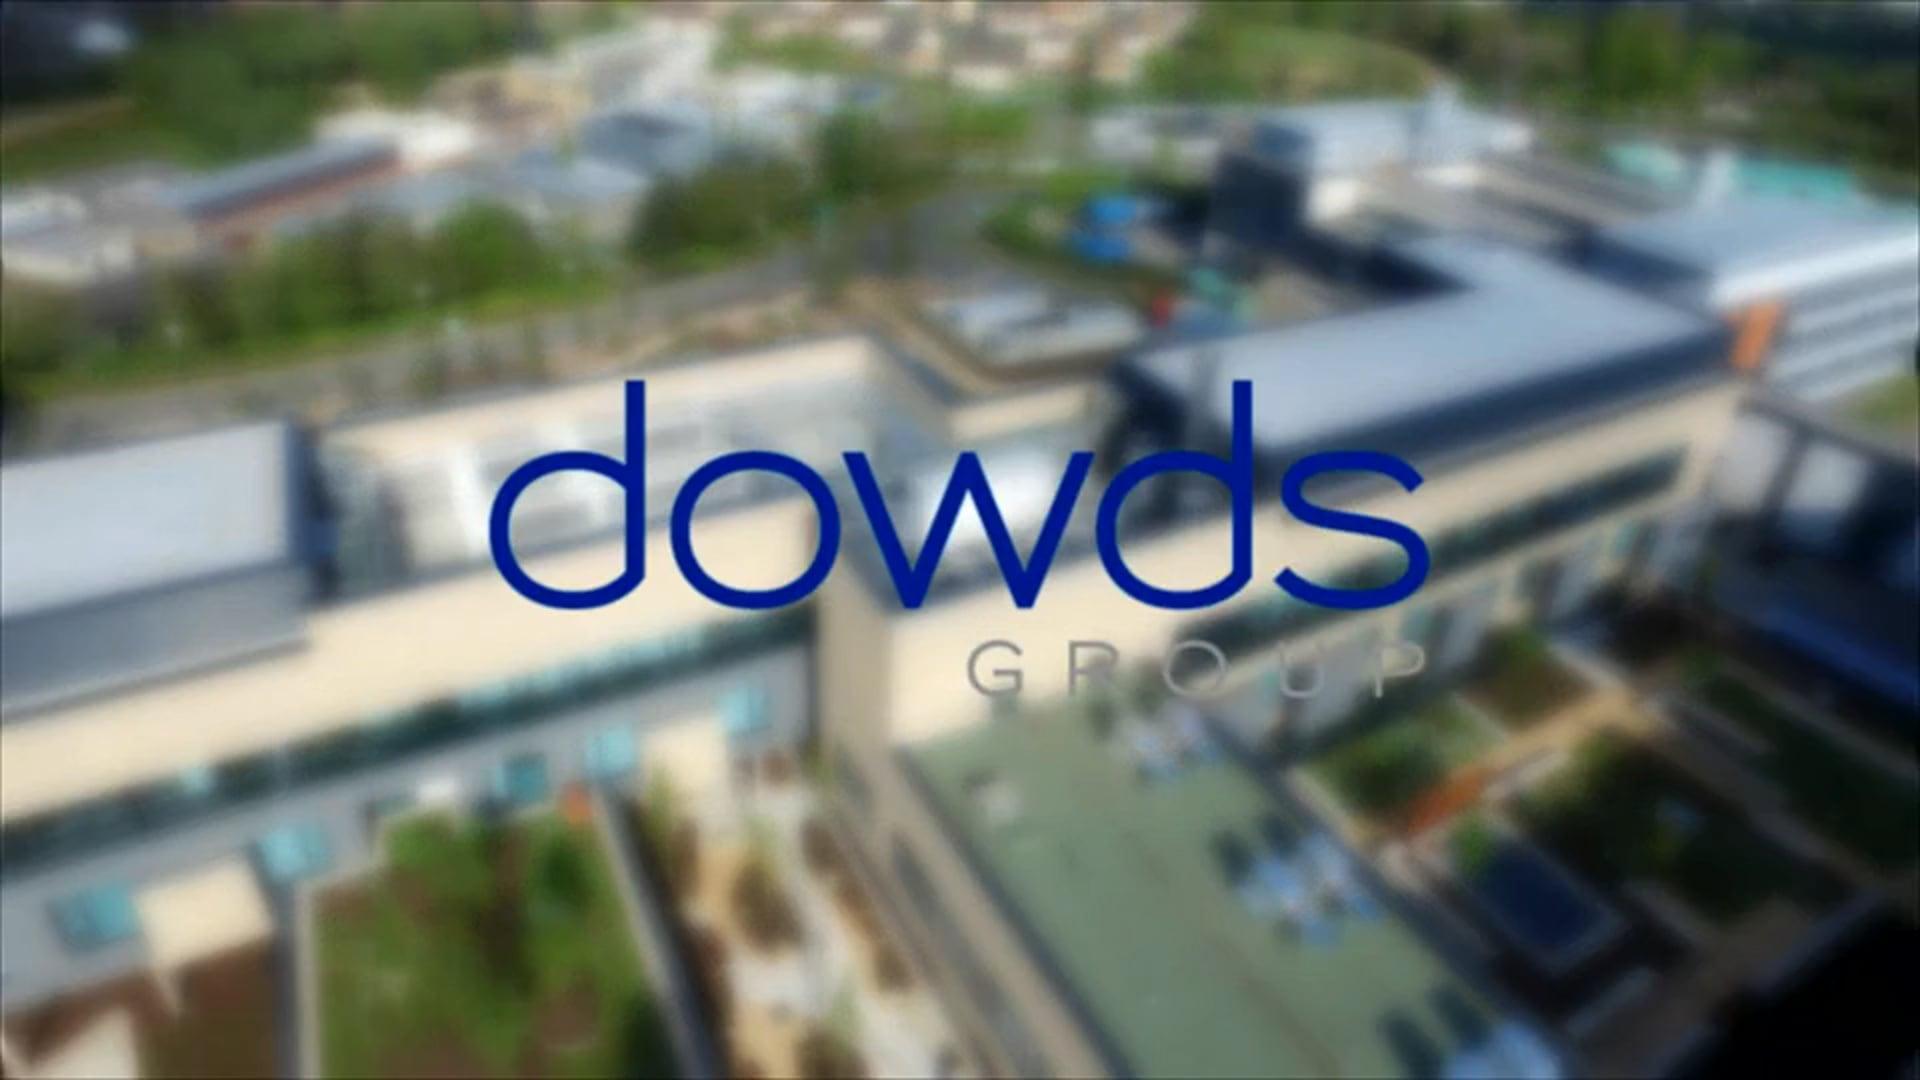 DOWDS - ALTNAGELVIN HOSPITAL